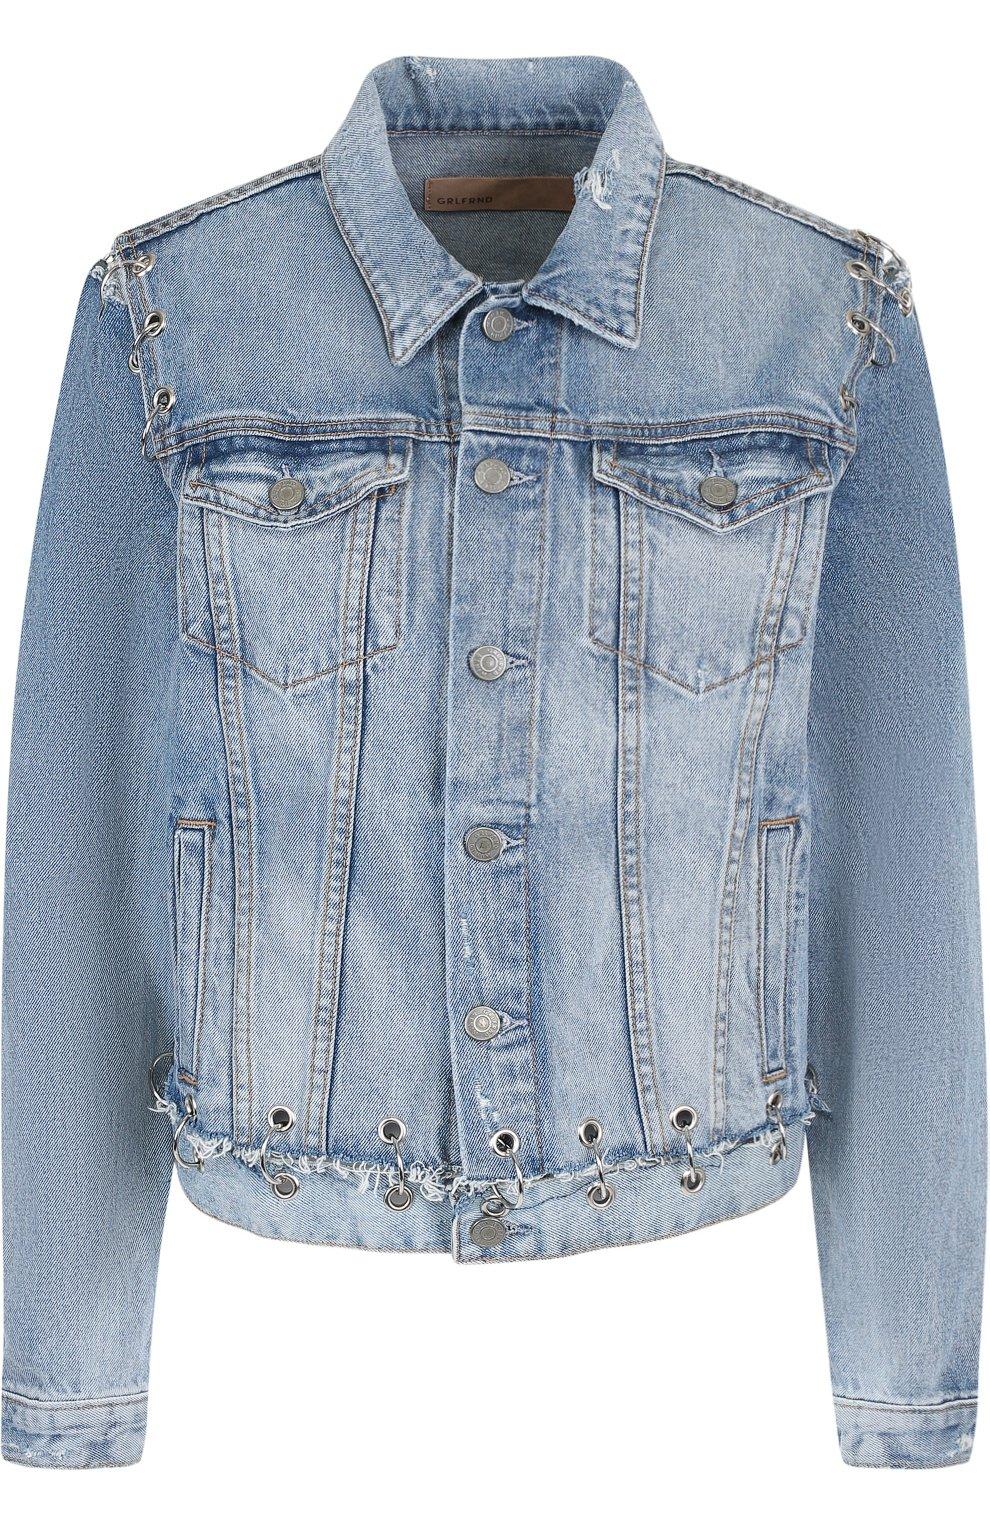 Женская джинсовая куртка свободного кроя с потертостями GRLFRND голубого цвета, арт. GF4016850715 | Фото 1